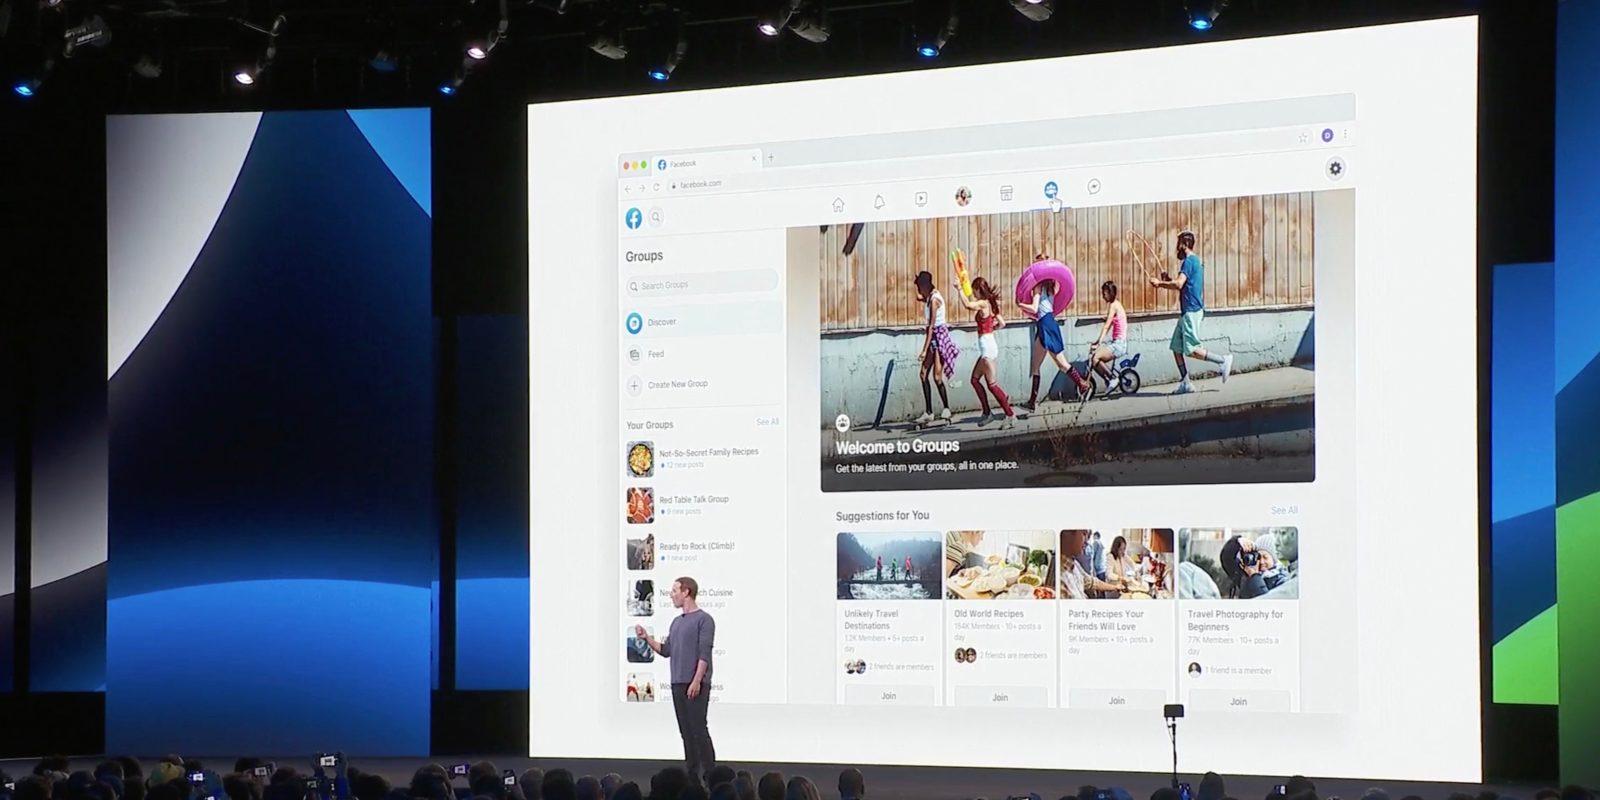 Facebook shows off next major design including new logo - 9to5Mac